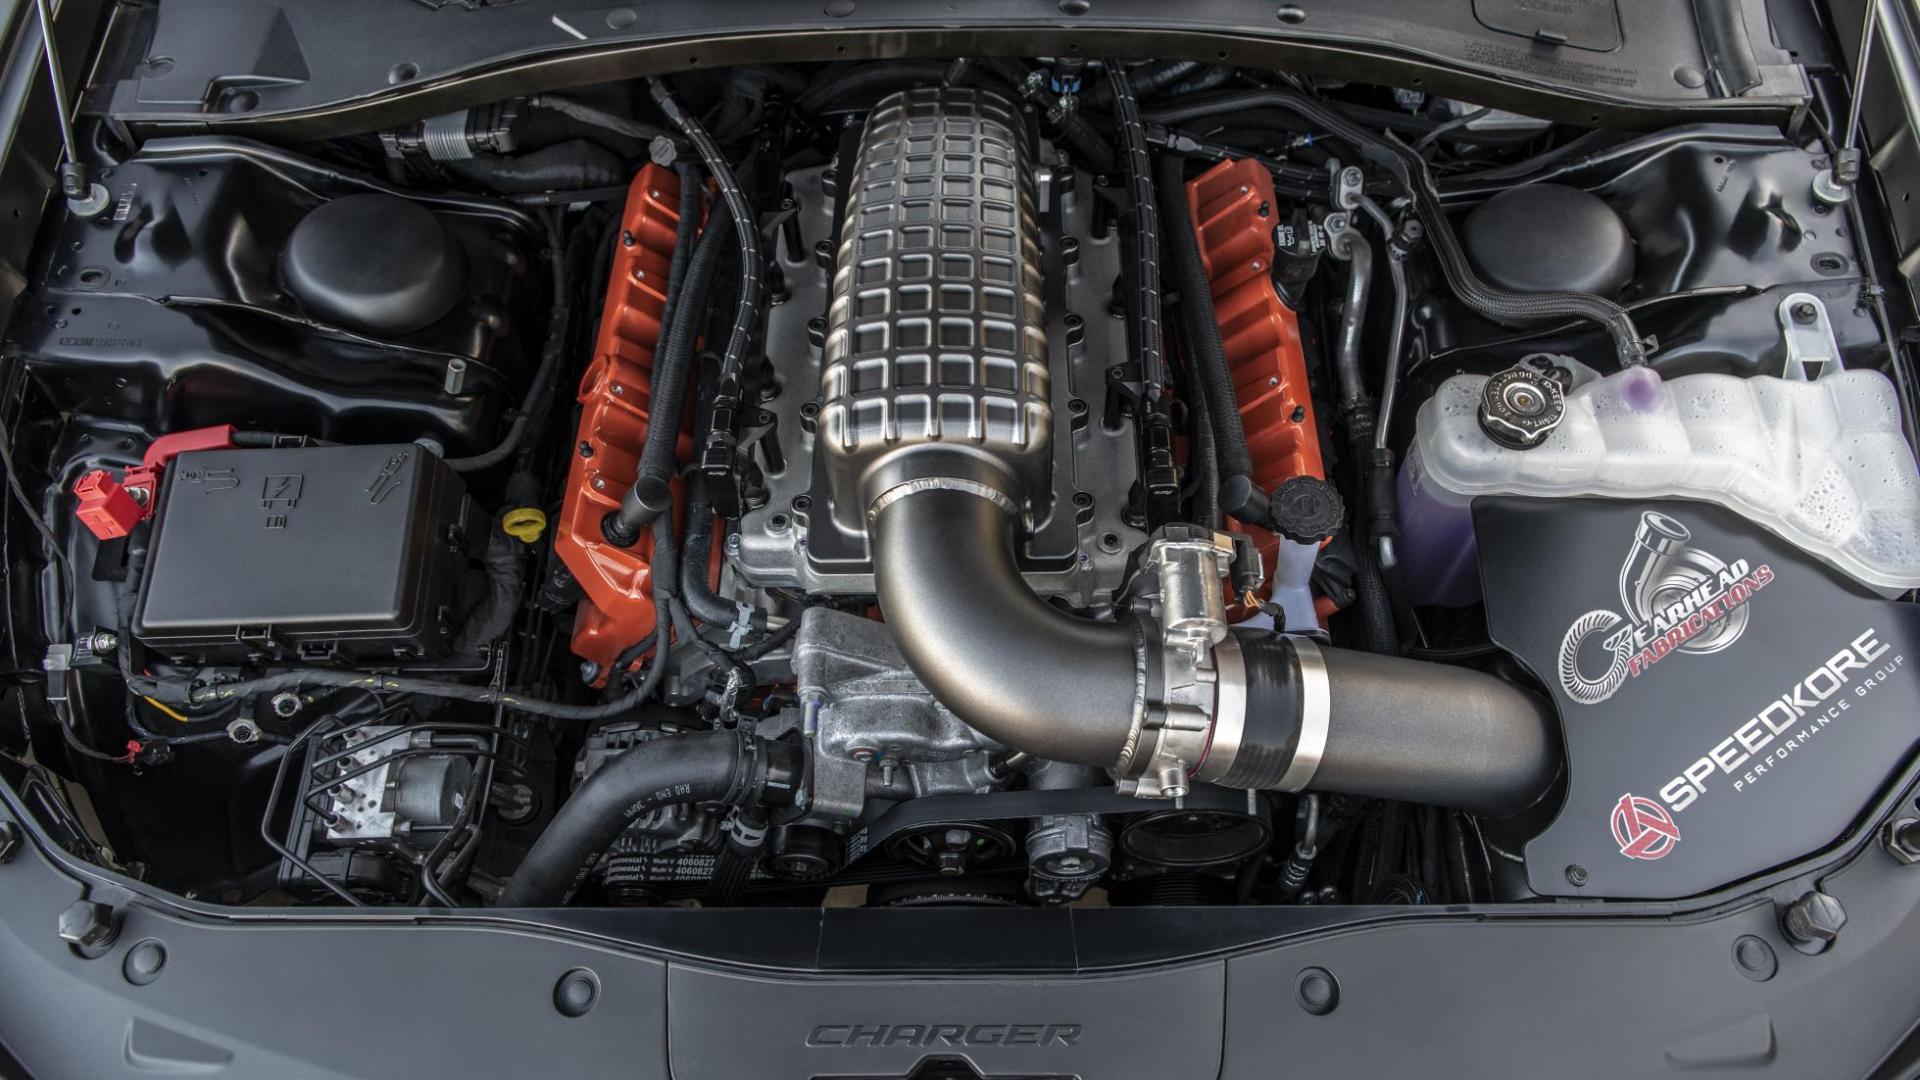 SpeedKore Dodge Charger AWD biturbo v8